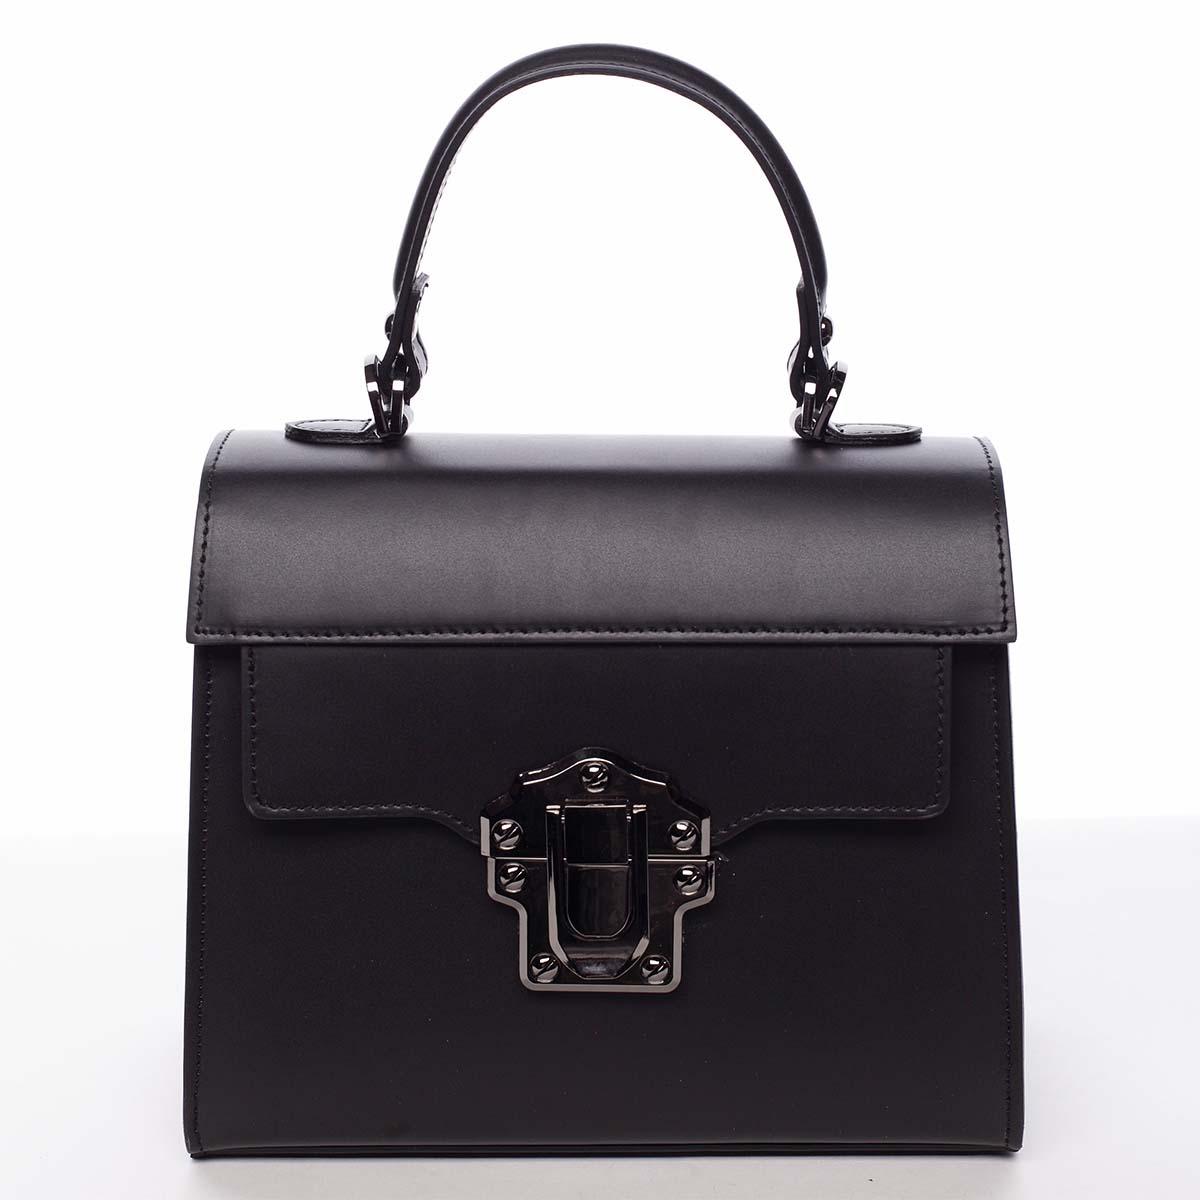 Exkluzívna módna dámska kožená kabelka čierna - ItalY Bianka čierna